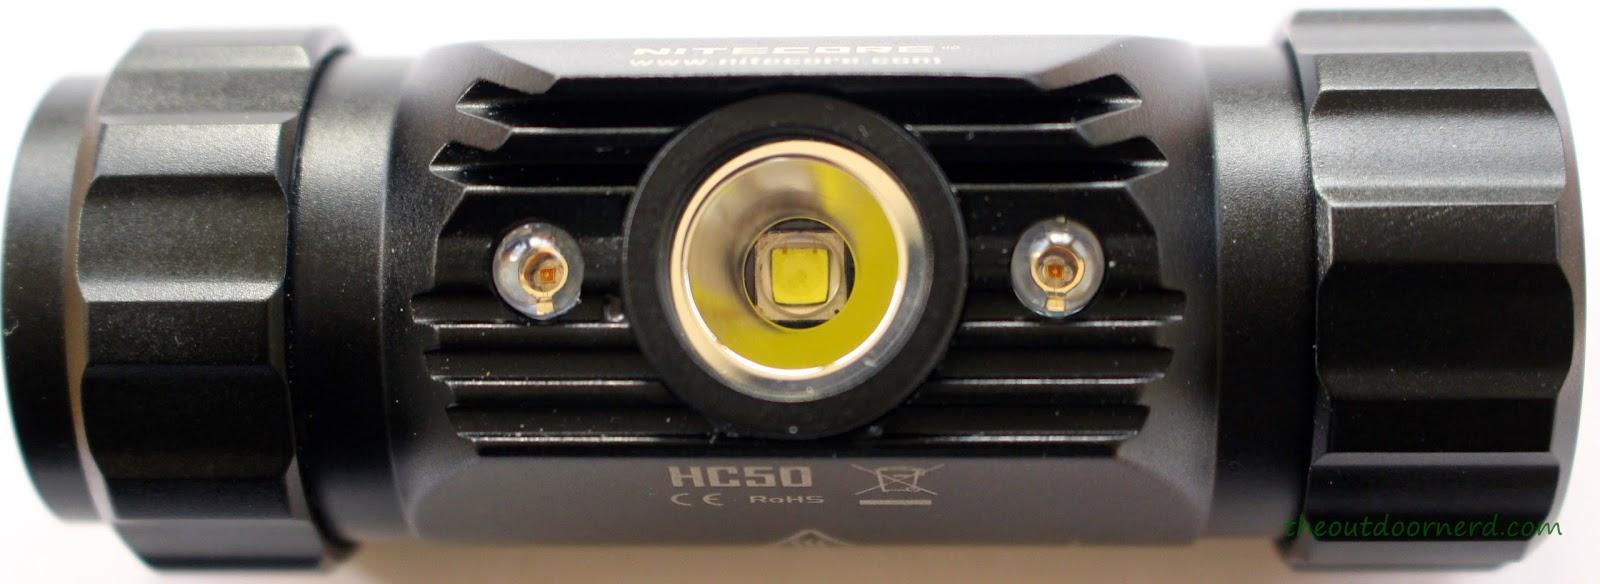 Nitecore HC50 Headlamp View 3